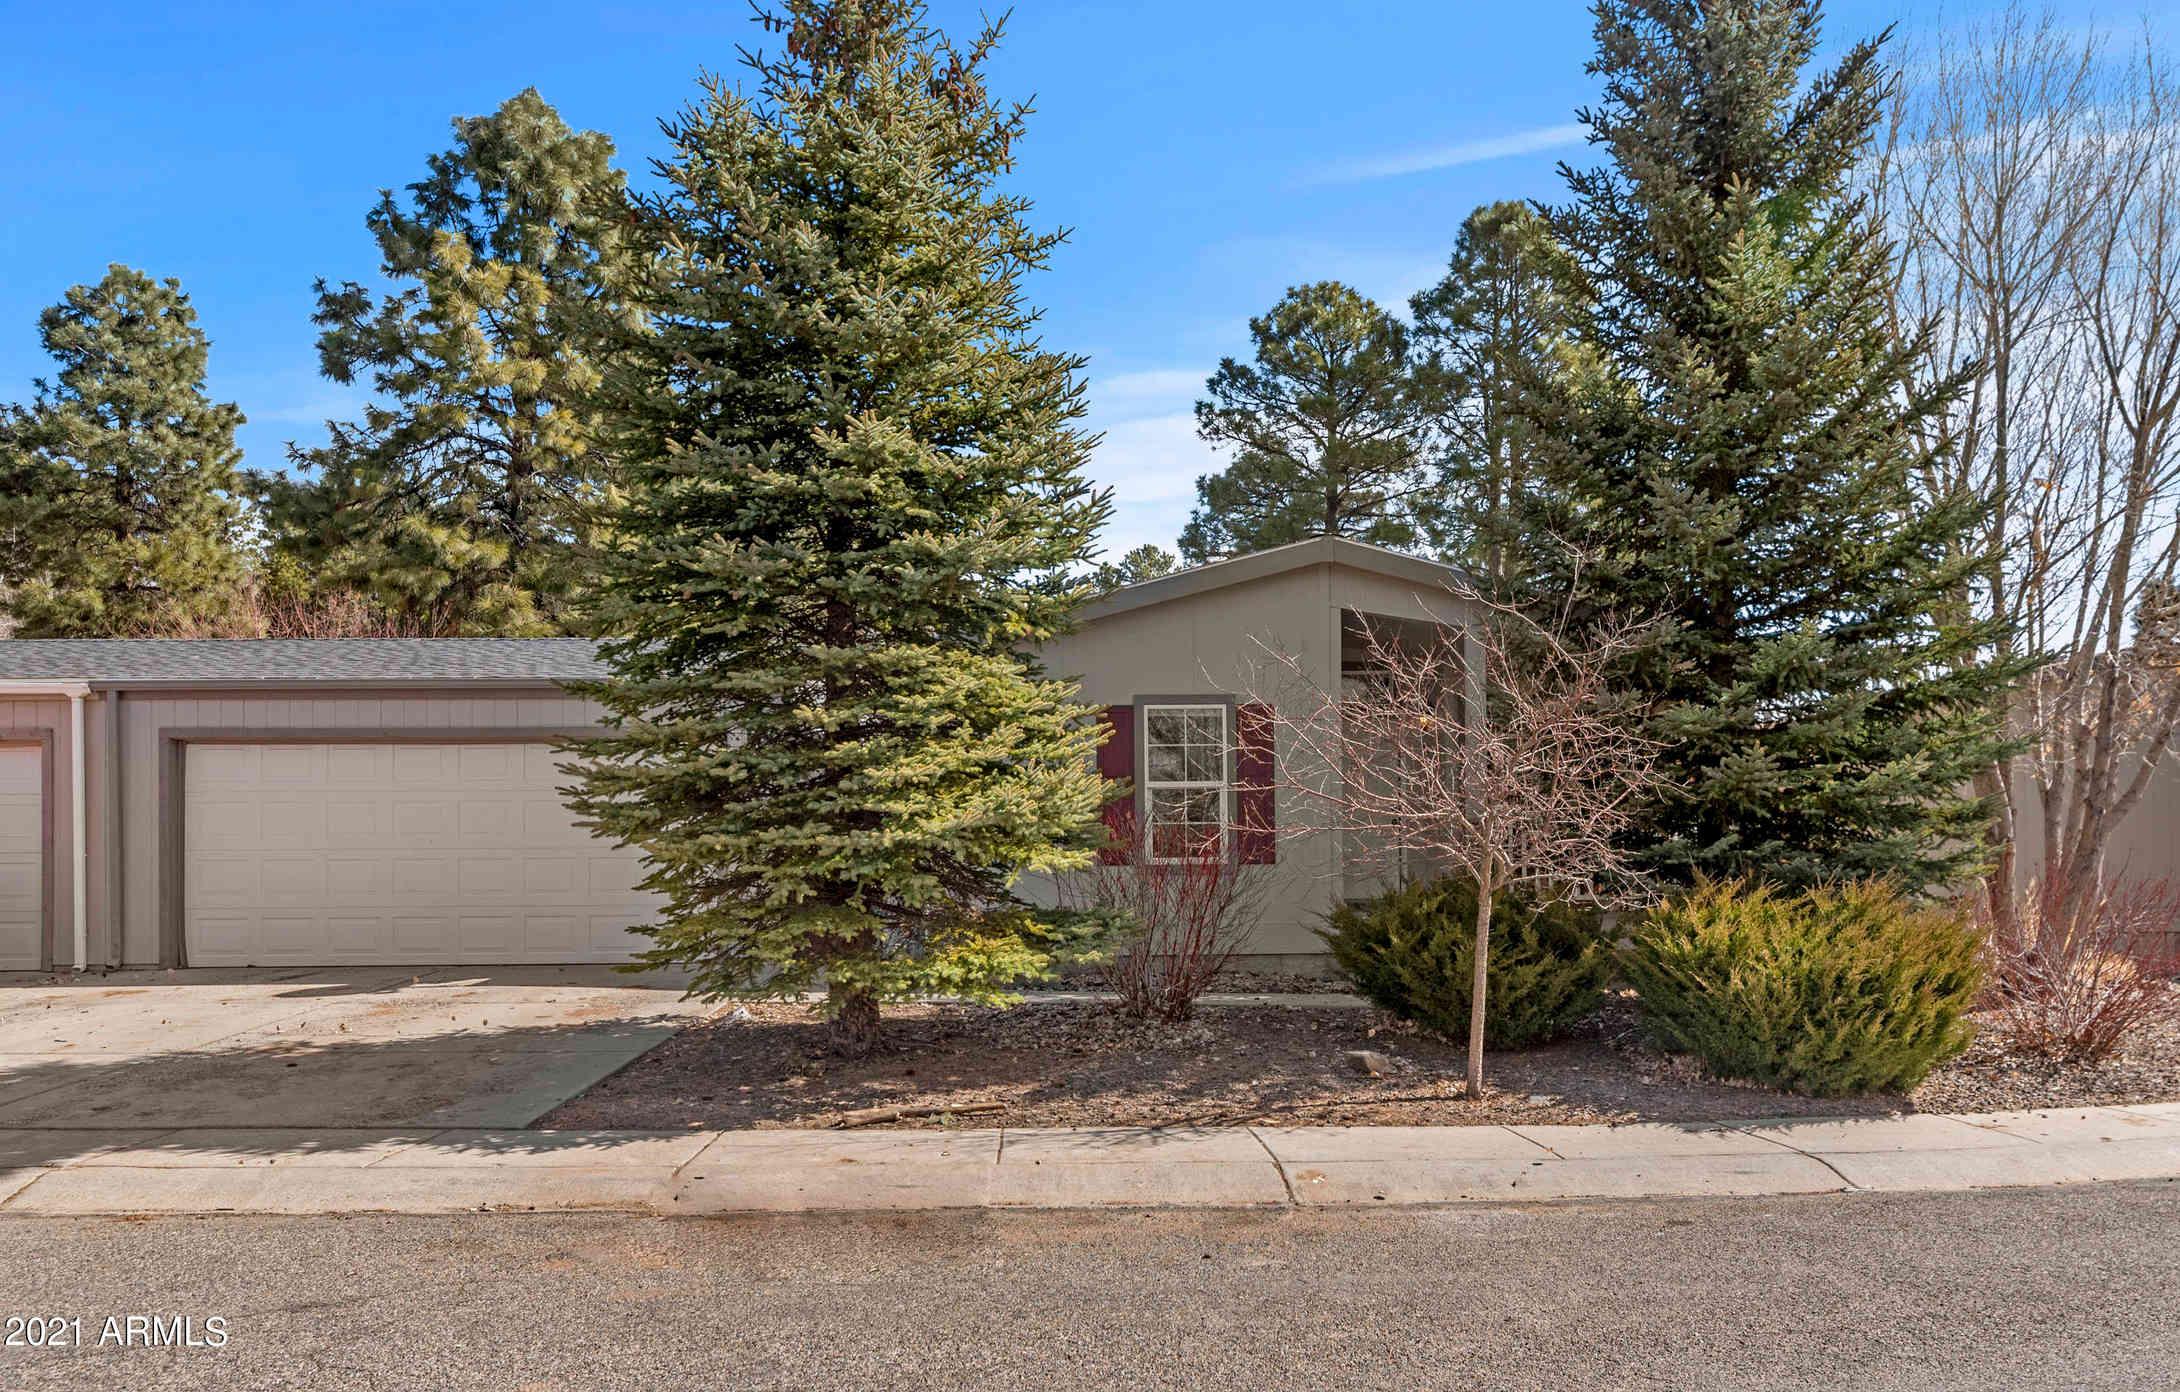 1672 W SHELLIE Drive, Flagstaff, AZ, 86001,